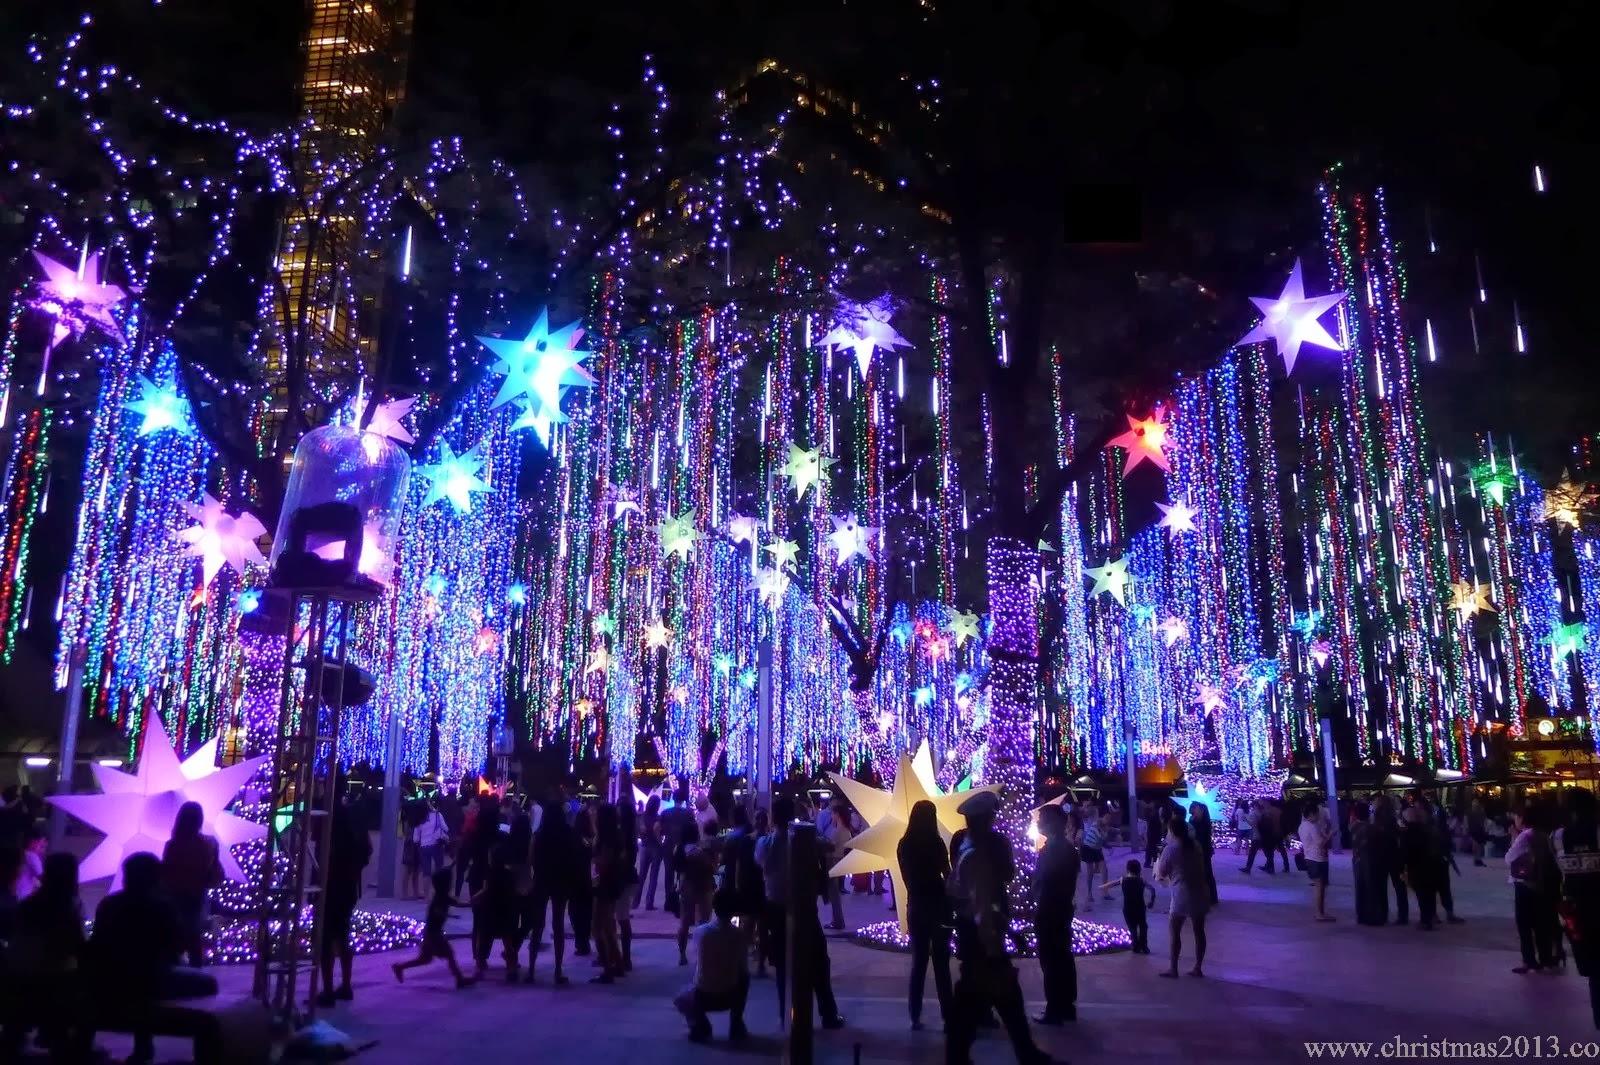 Outside Tree Lights Christmas